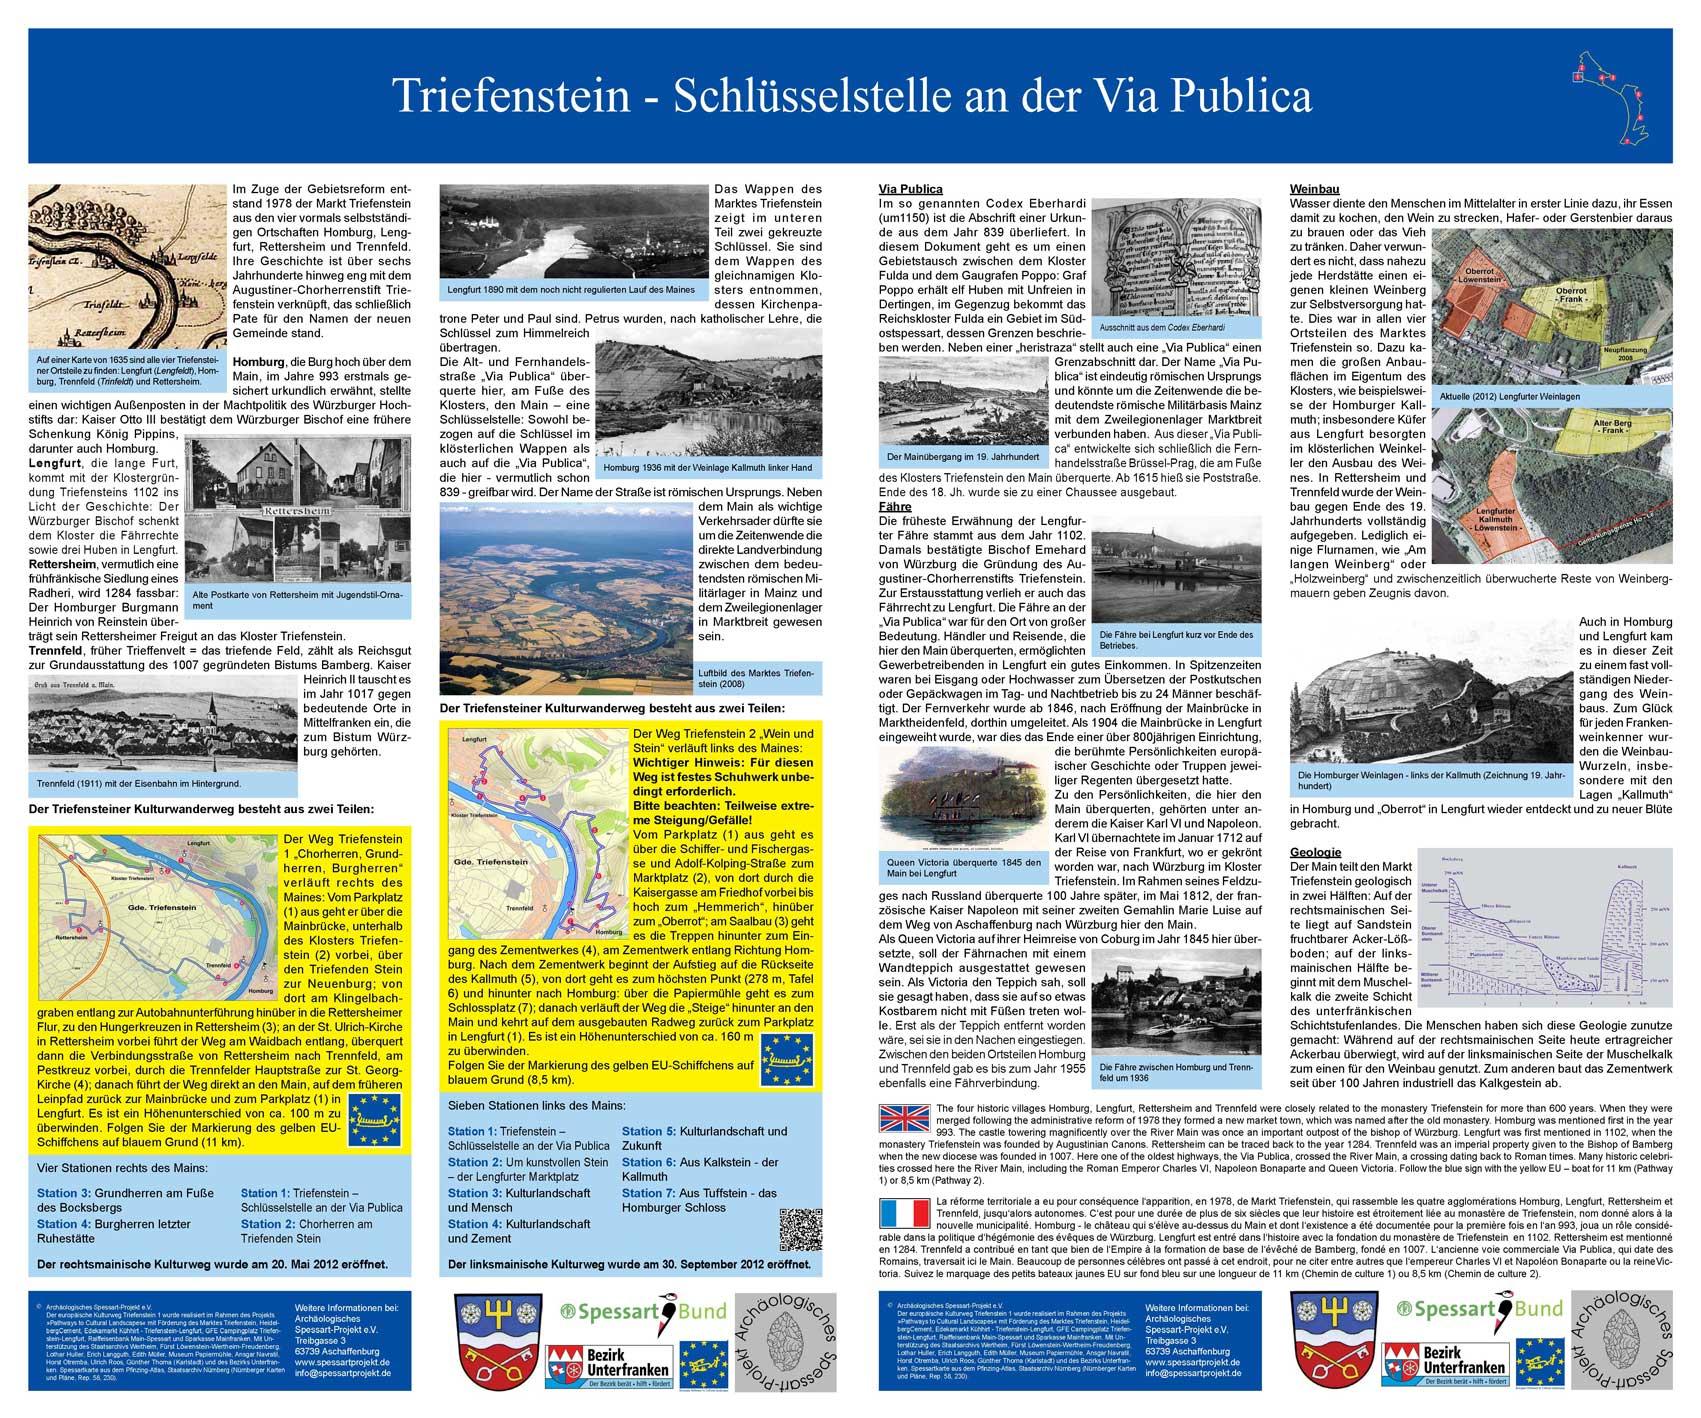 http://tourismus-triefenstein.de/images/kuwawe-2t1.jpg